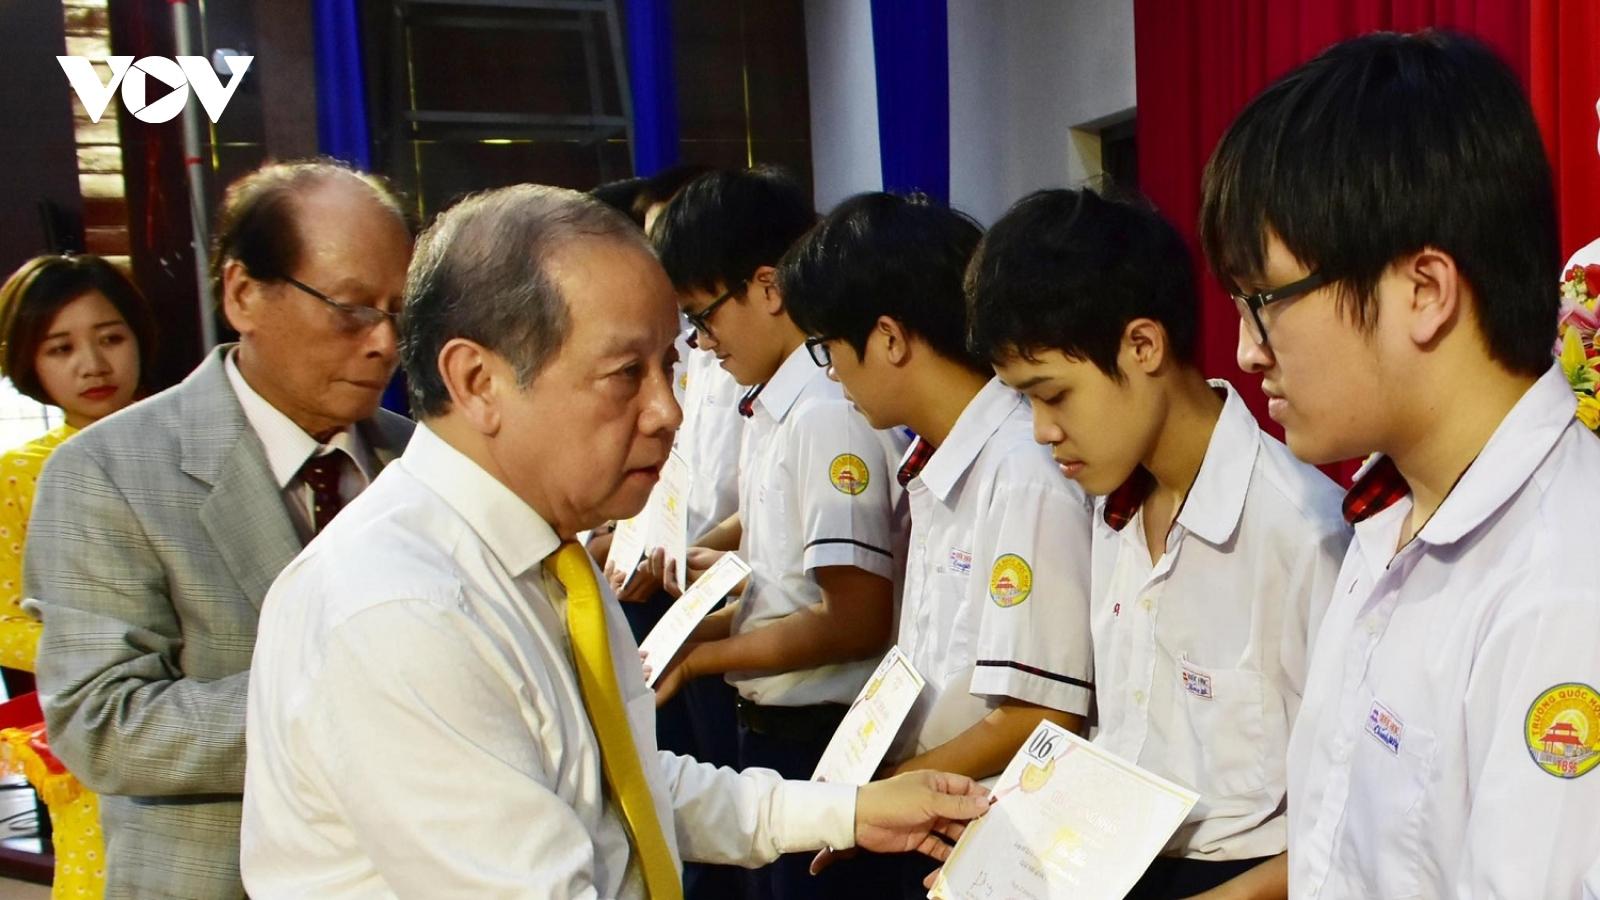 Hơn 200 học sinh, sinh viên xuất sắc nhận học bổng Vallet tại Thừa Thiên Huế